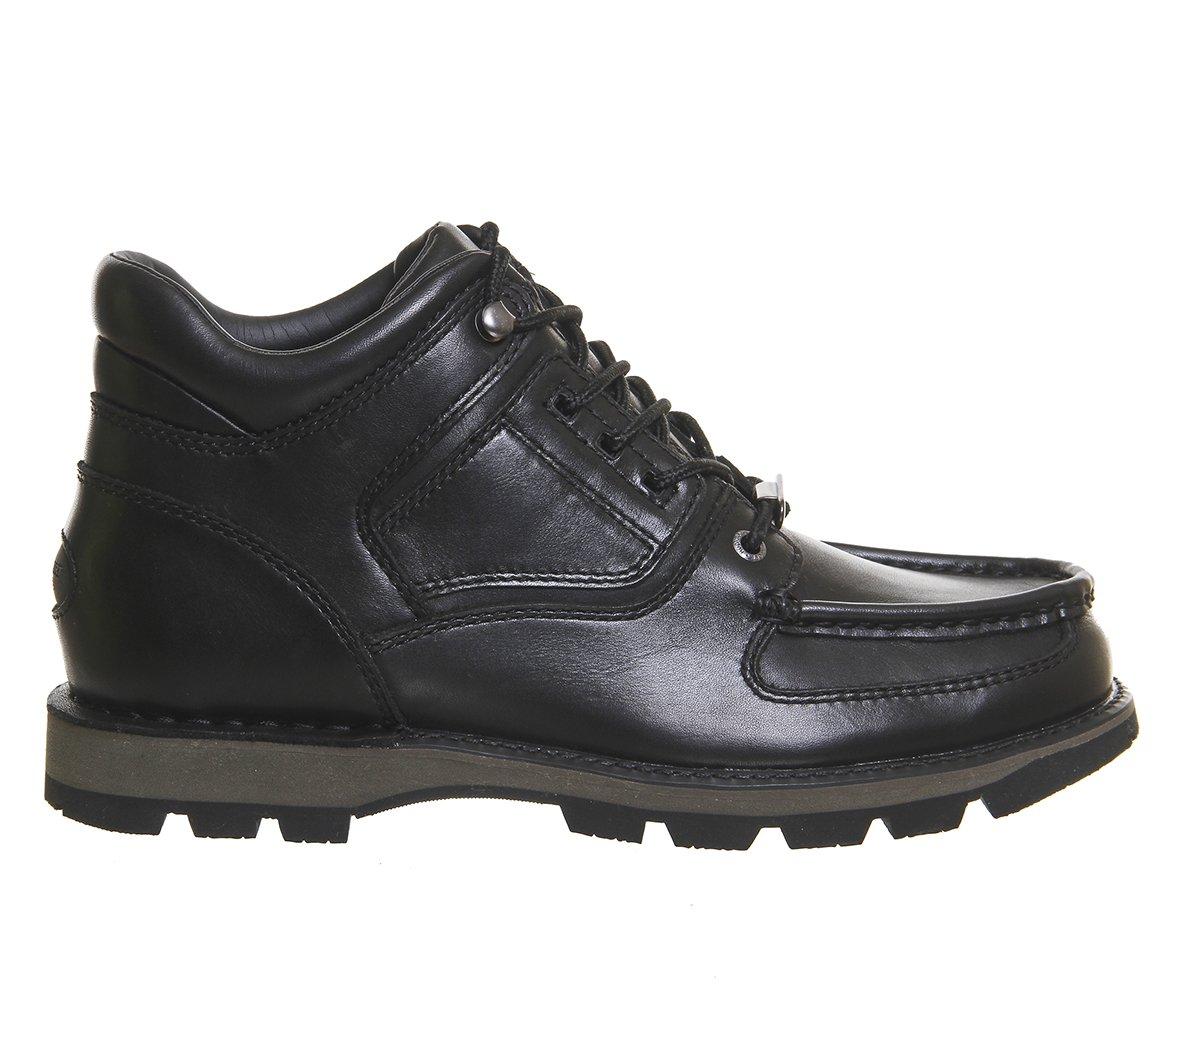 Rockport Umbwe Boots in Black for Men